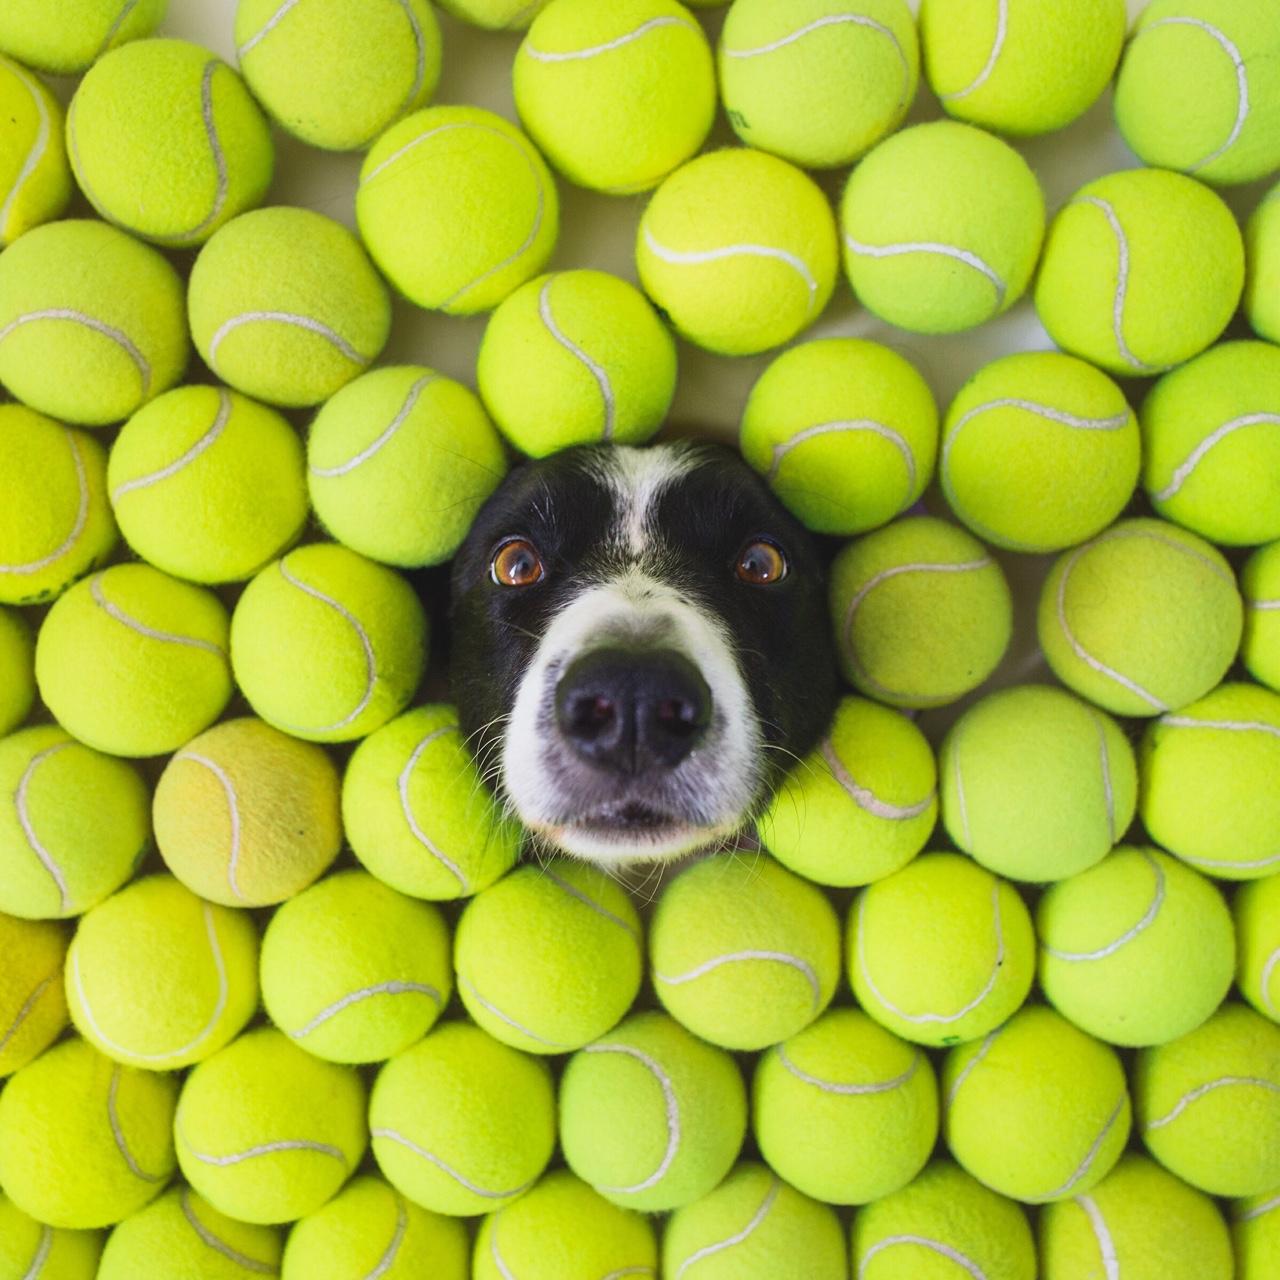 犬 ワンコを探す画像:これはすご...